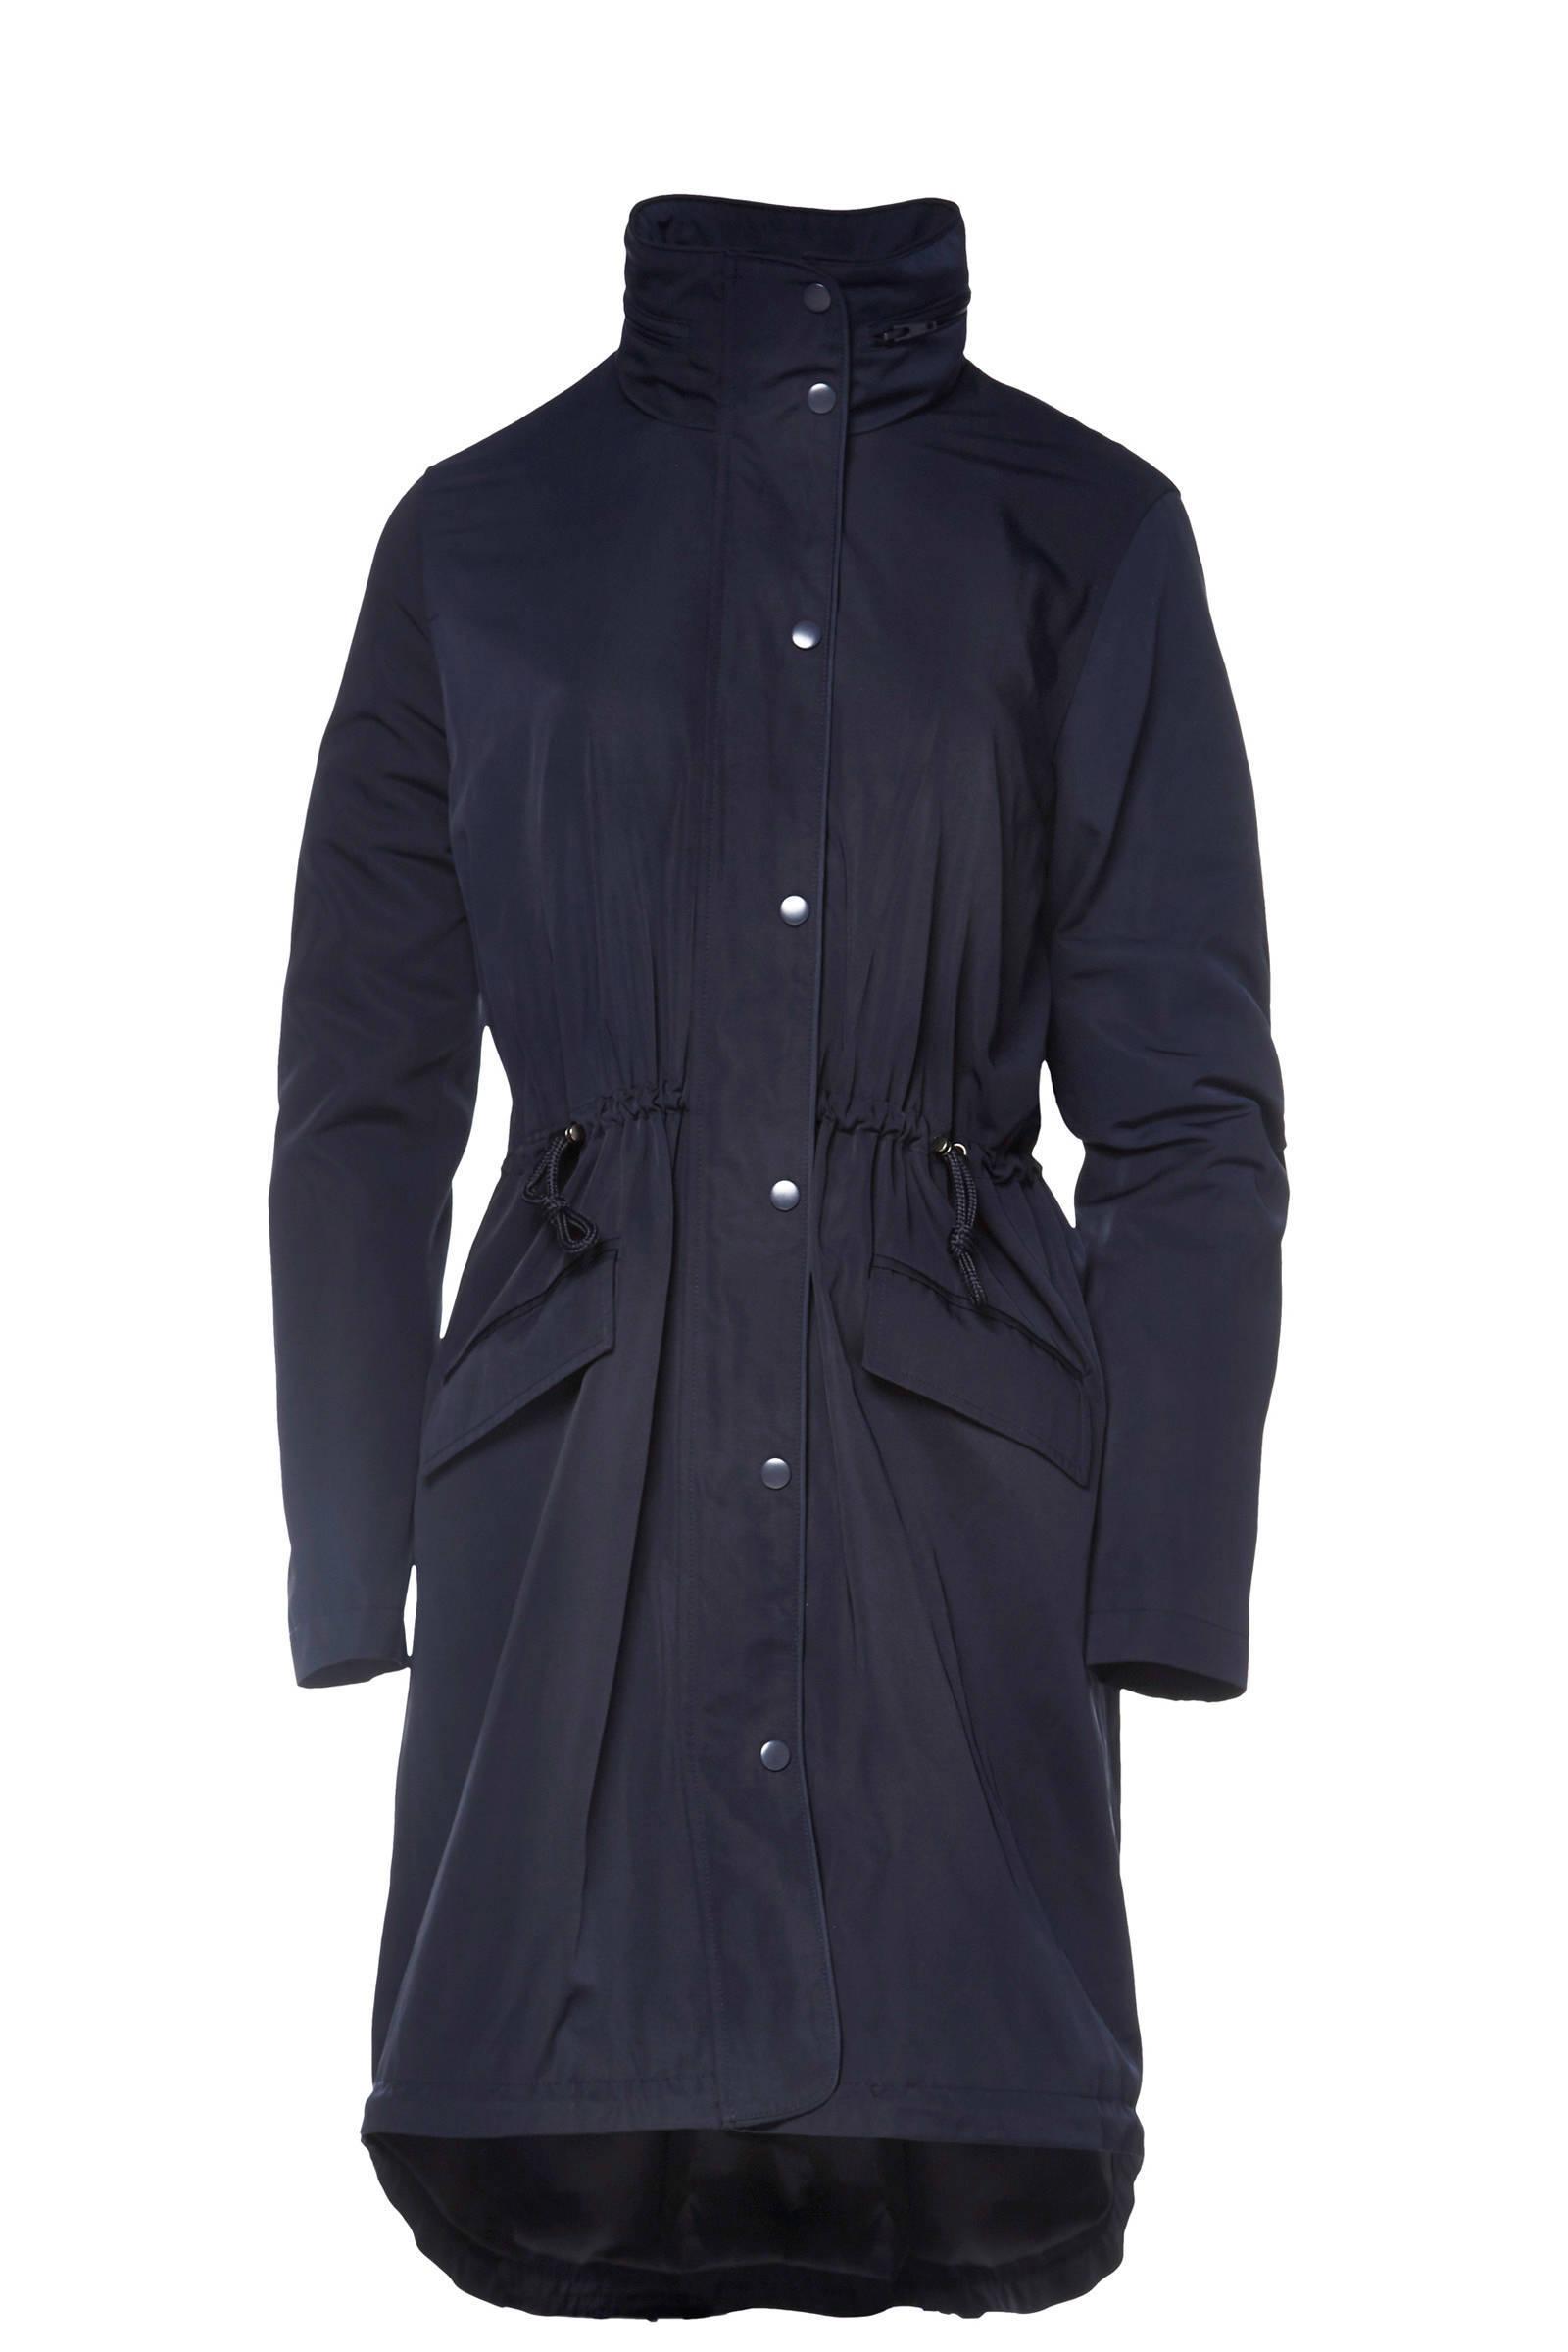 zomerjas donkerblauw